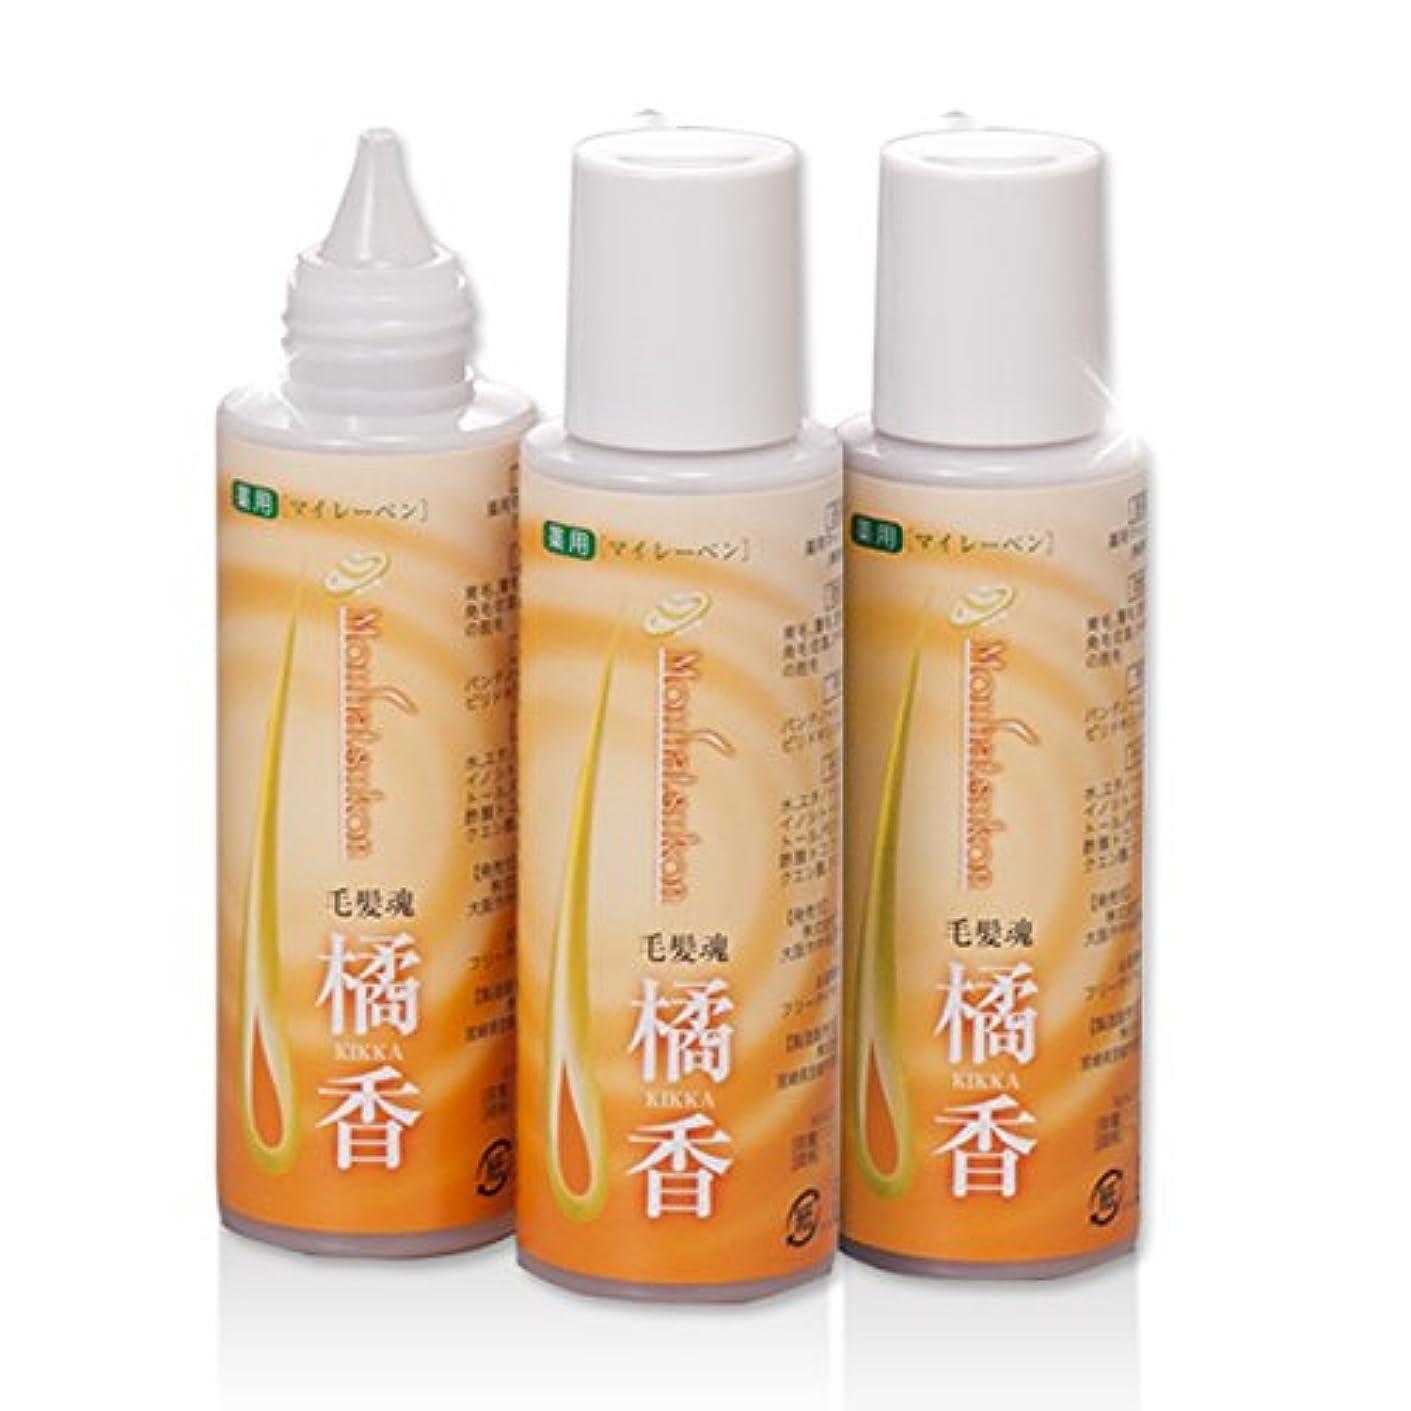 太いテラス主張する薬用育毛剤「毛髪魂マイレーベン橘香」 3本セット